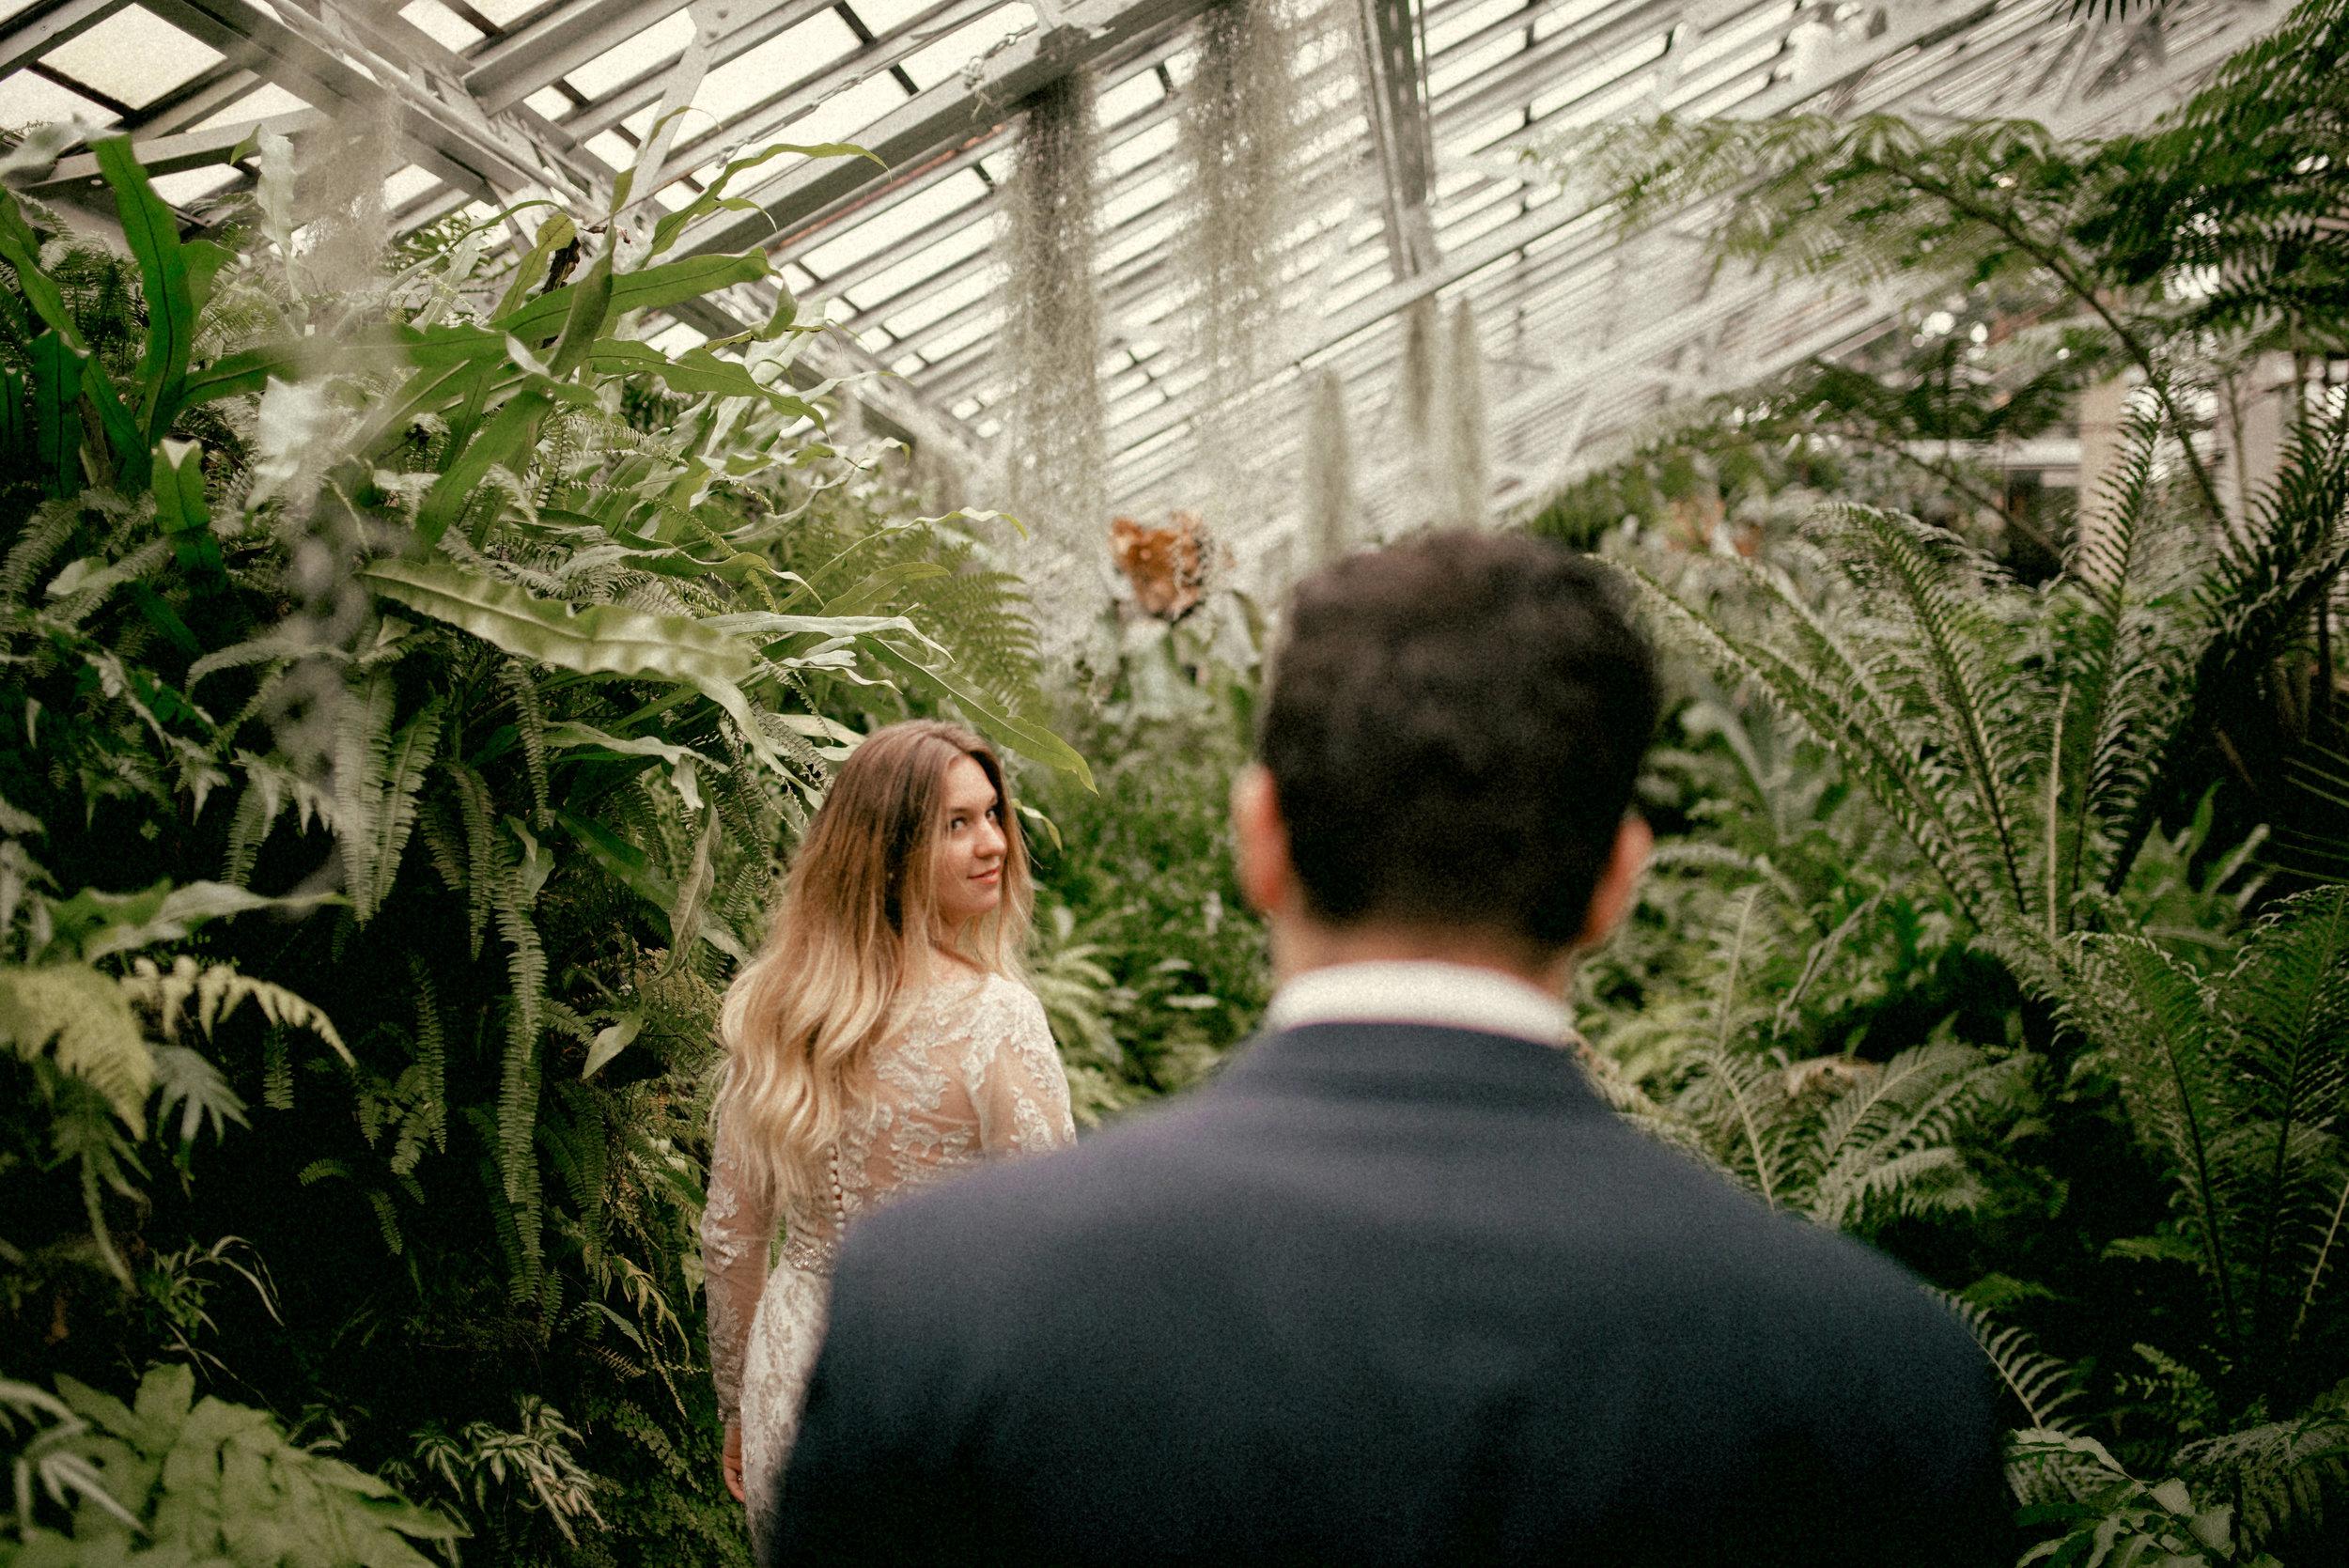 garfield park conservatory chicago wedding 19